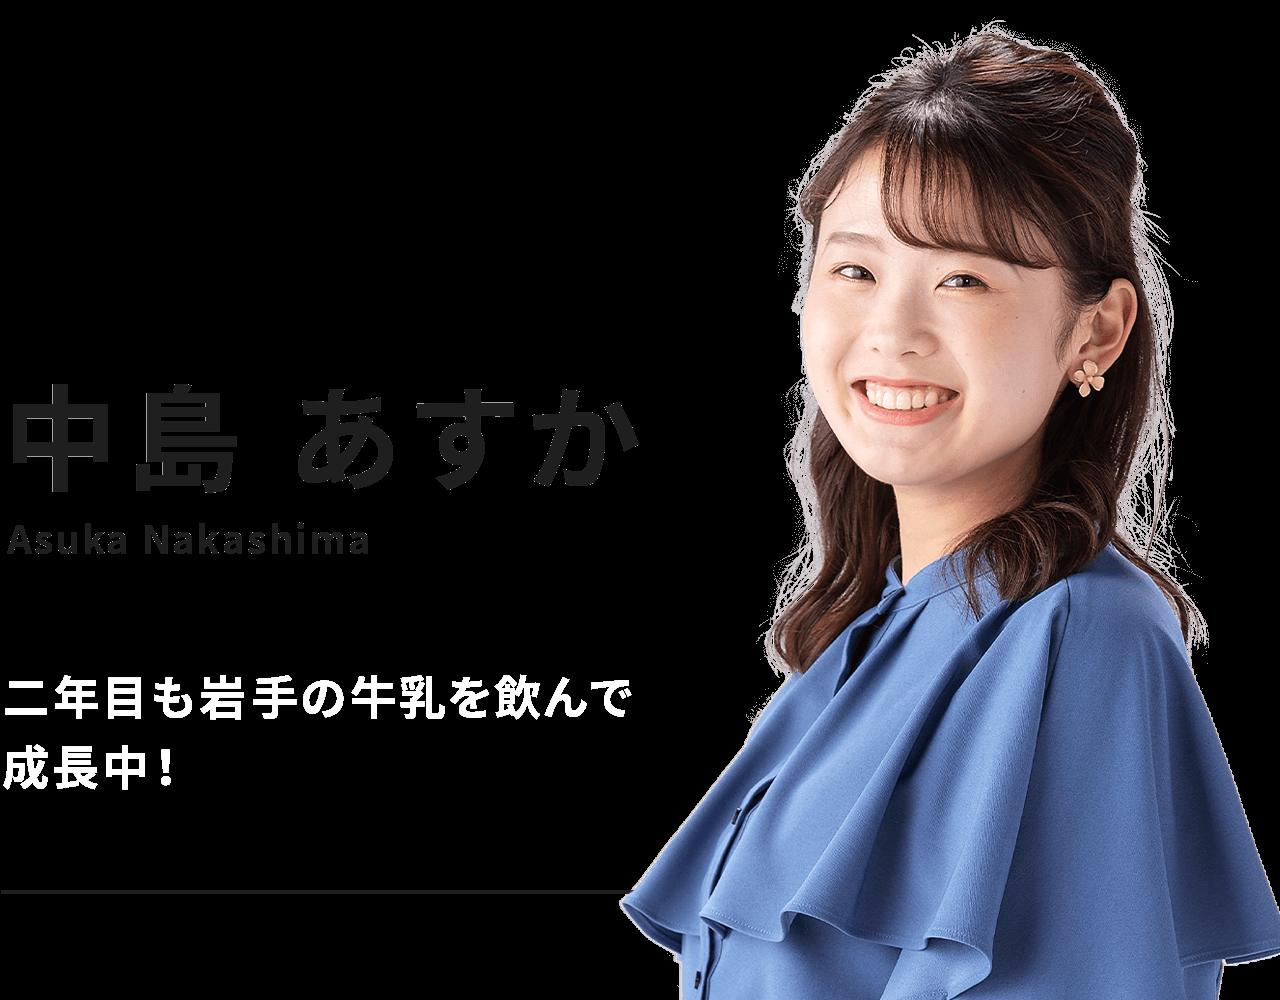 中島 あすかのブログ